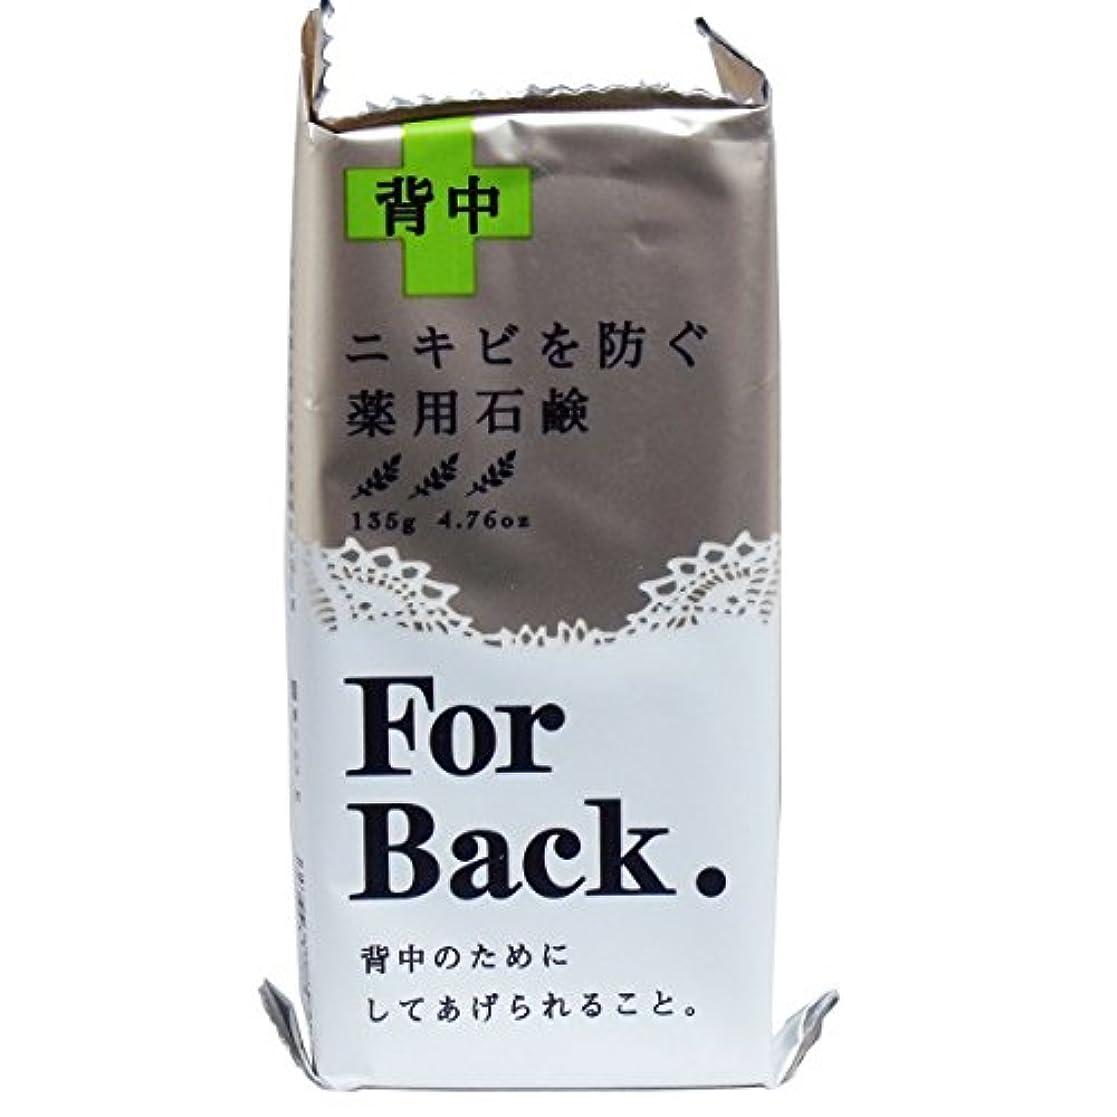 安心指導するキャリア薬用石鹸ForBack 135g × 7個